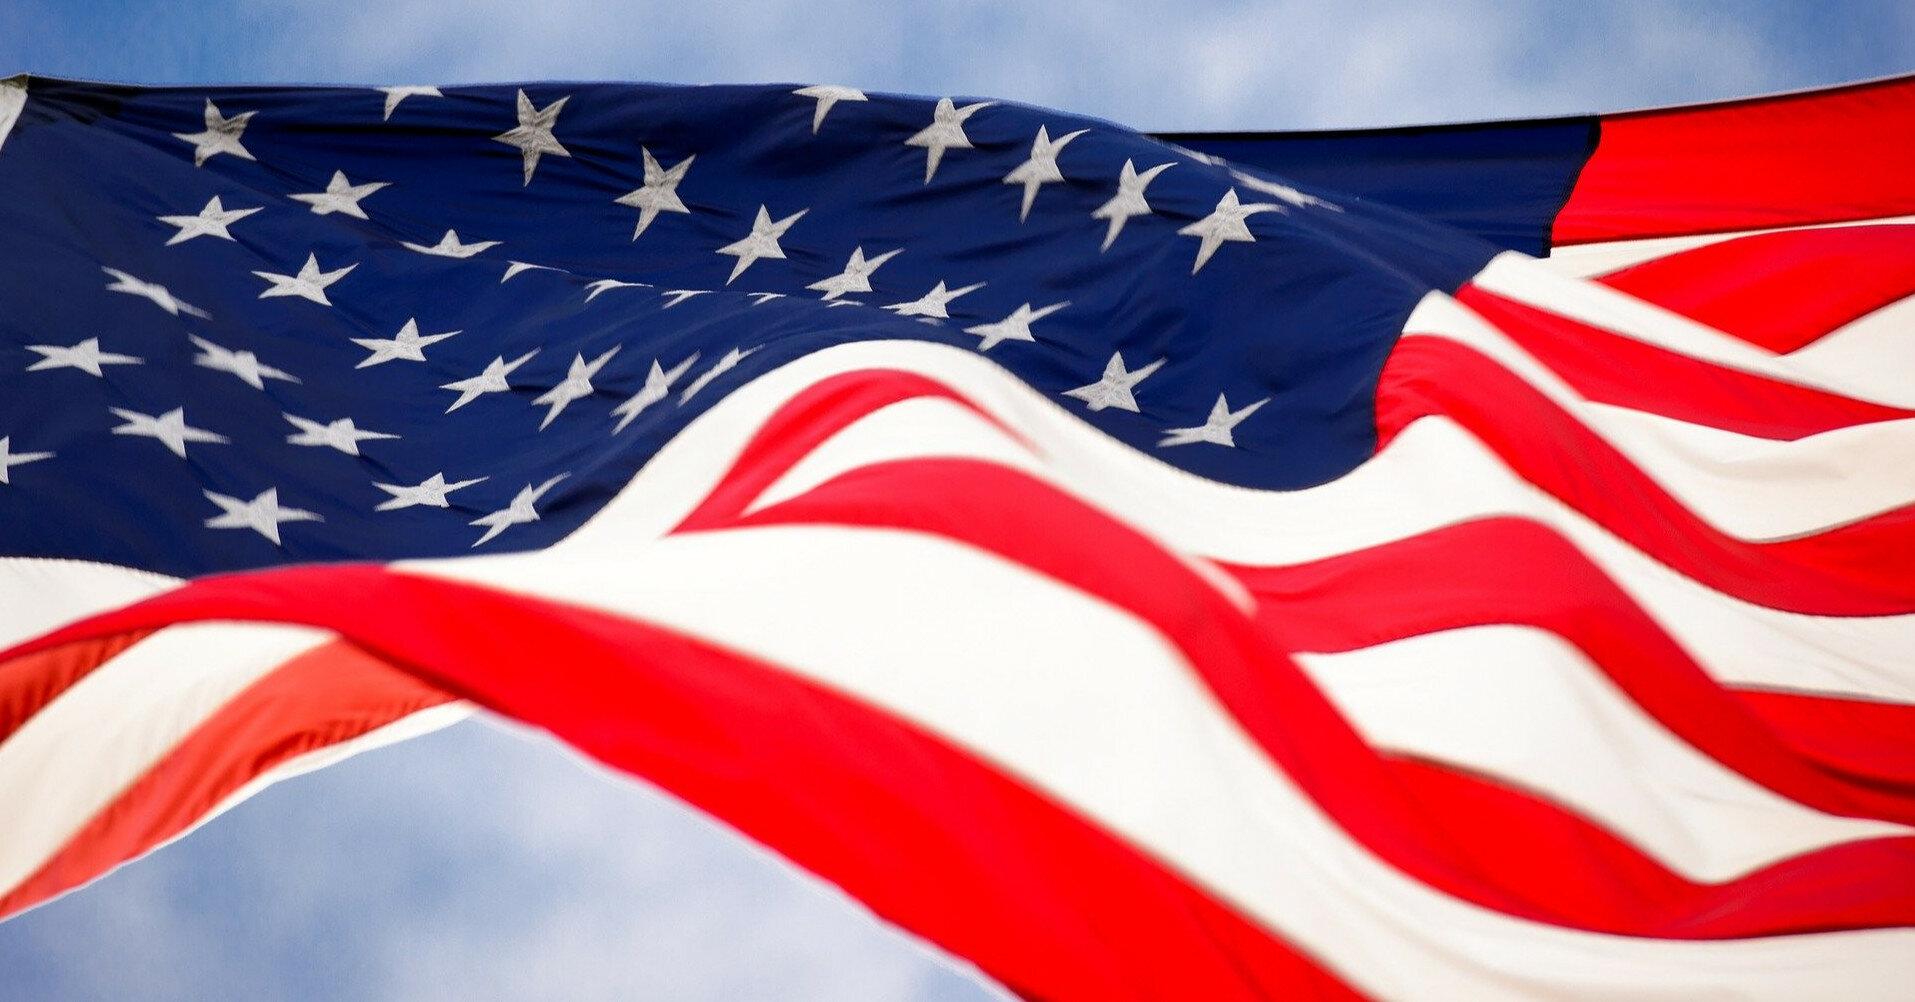 США сделали день отмены рабства федеральным праздником